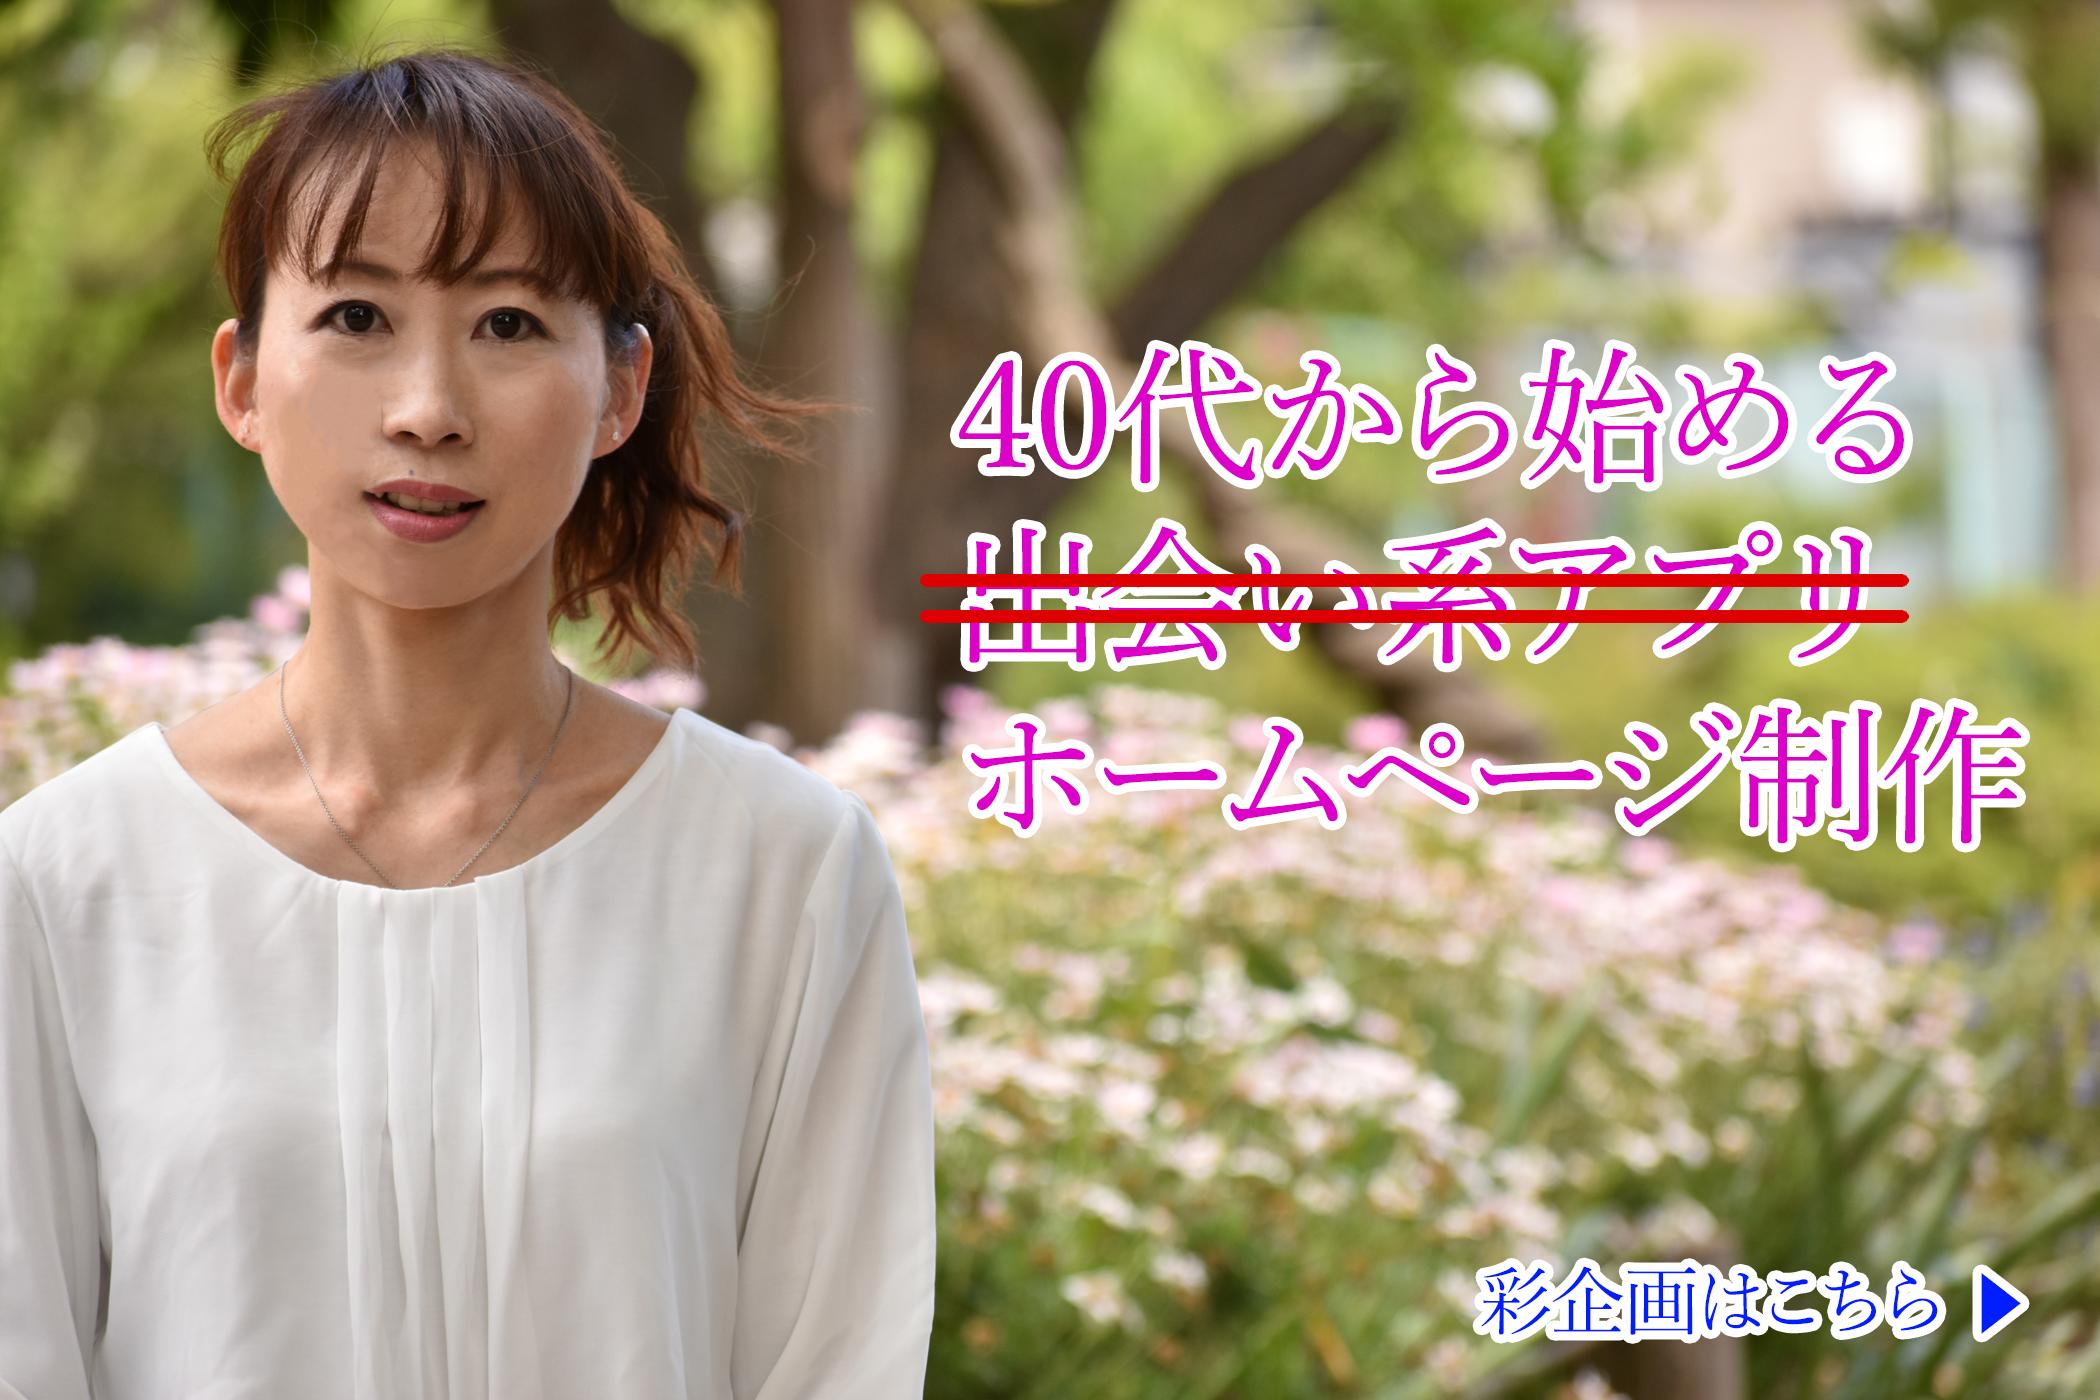 面白バナー・綾さん出会い系アプリ編